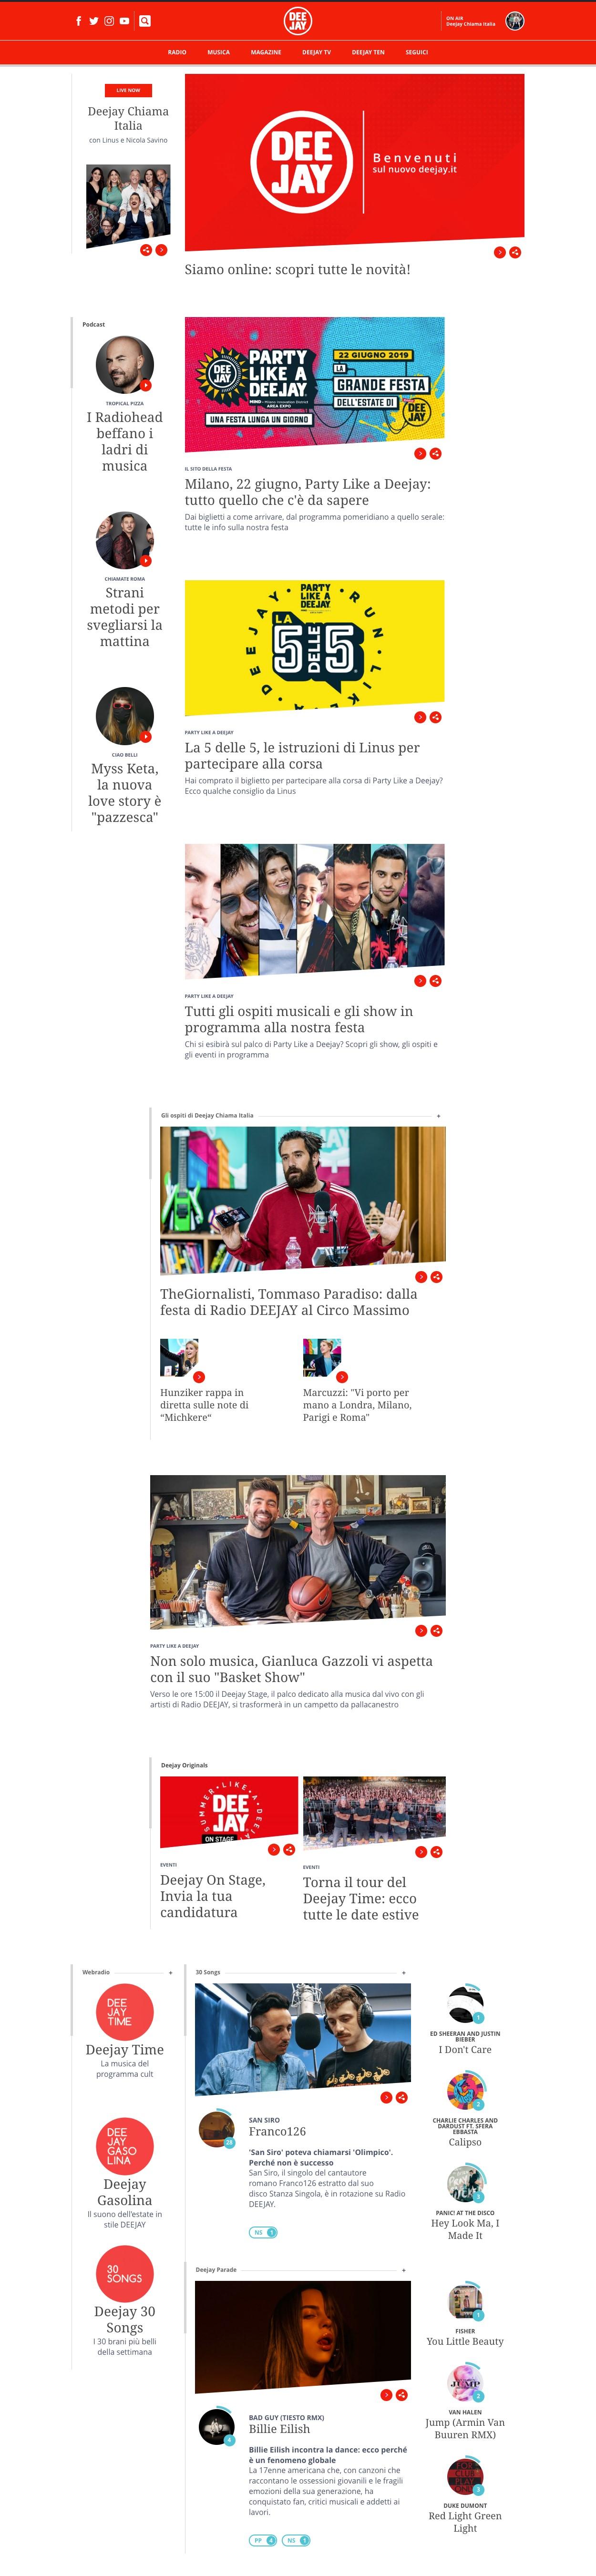 deejay.it  - Radio. DeeJay inaugura il nuovo sito, fortemente social (area dove la stazione domina sui competitor). Ma delude il brand bouquet, scarso e nascosto